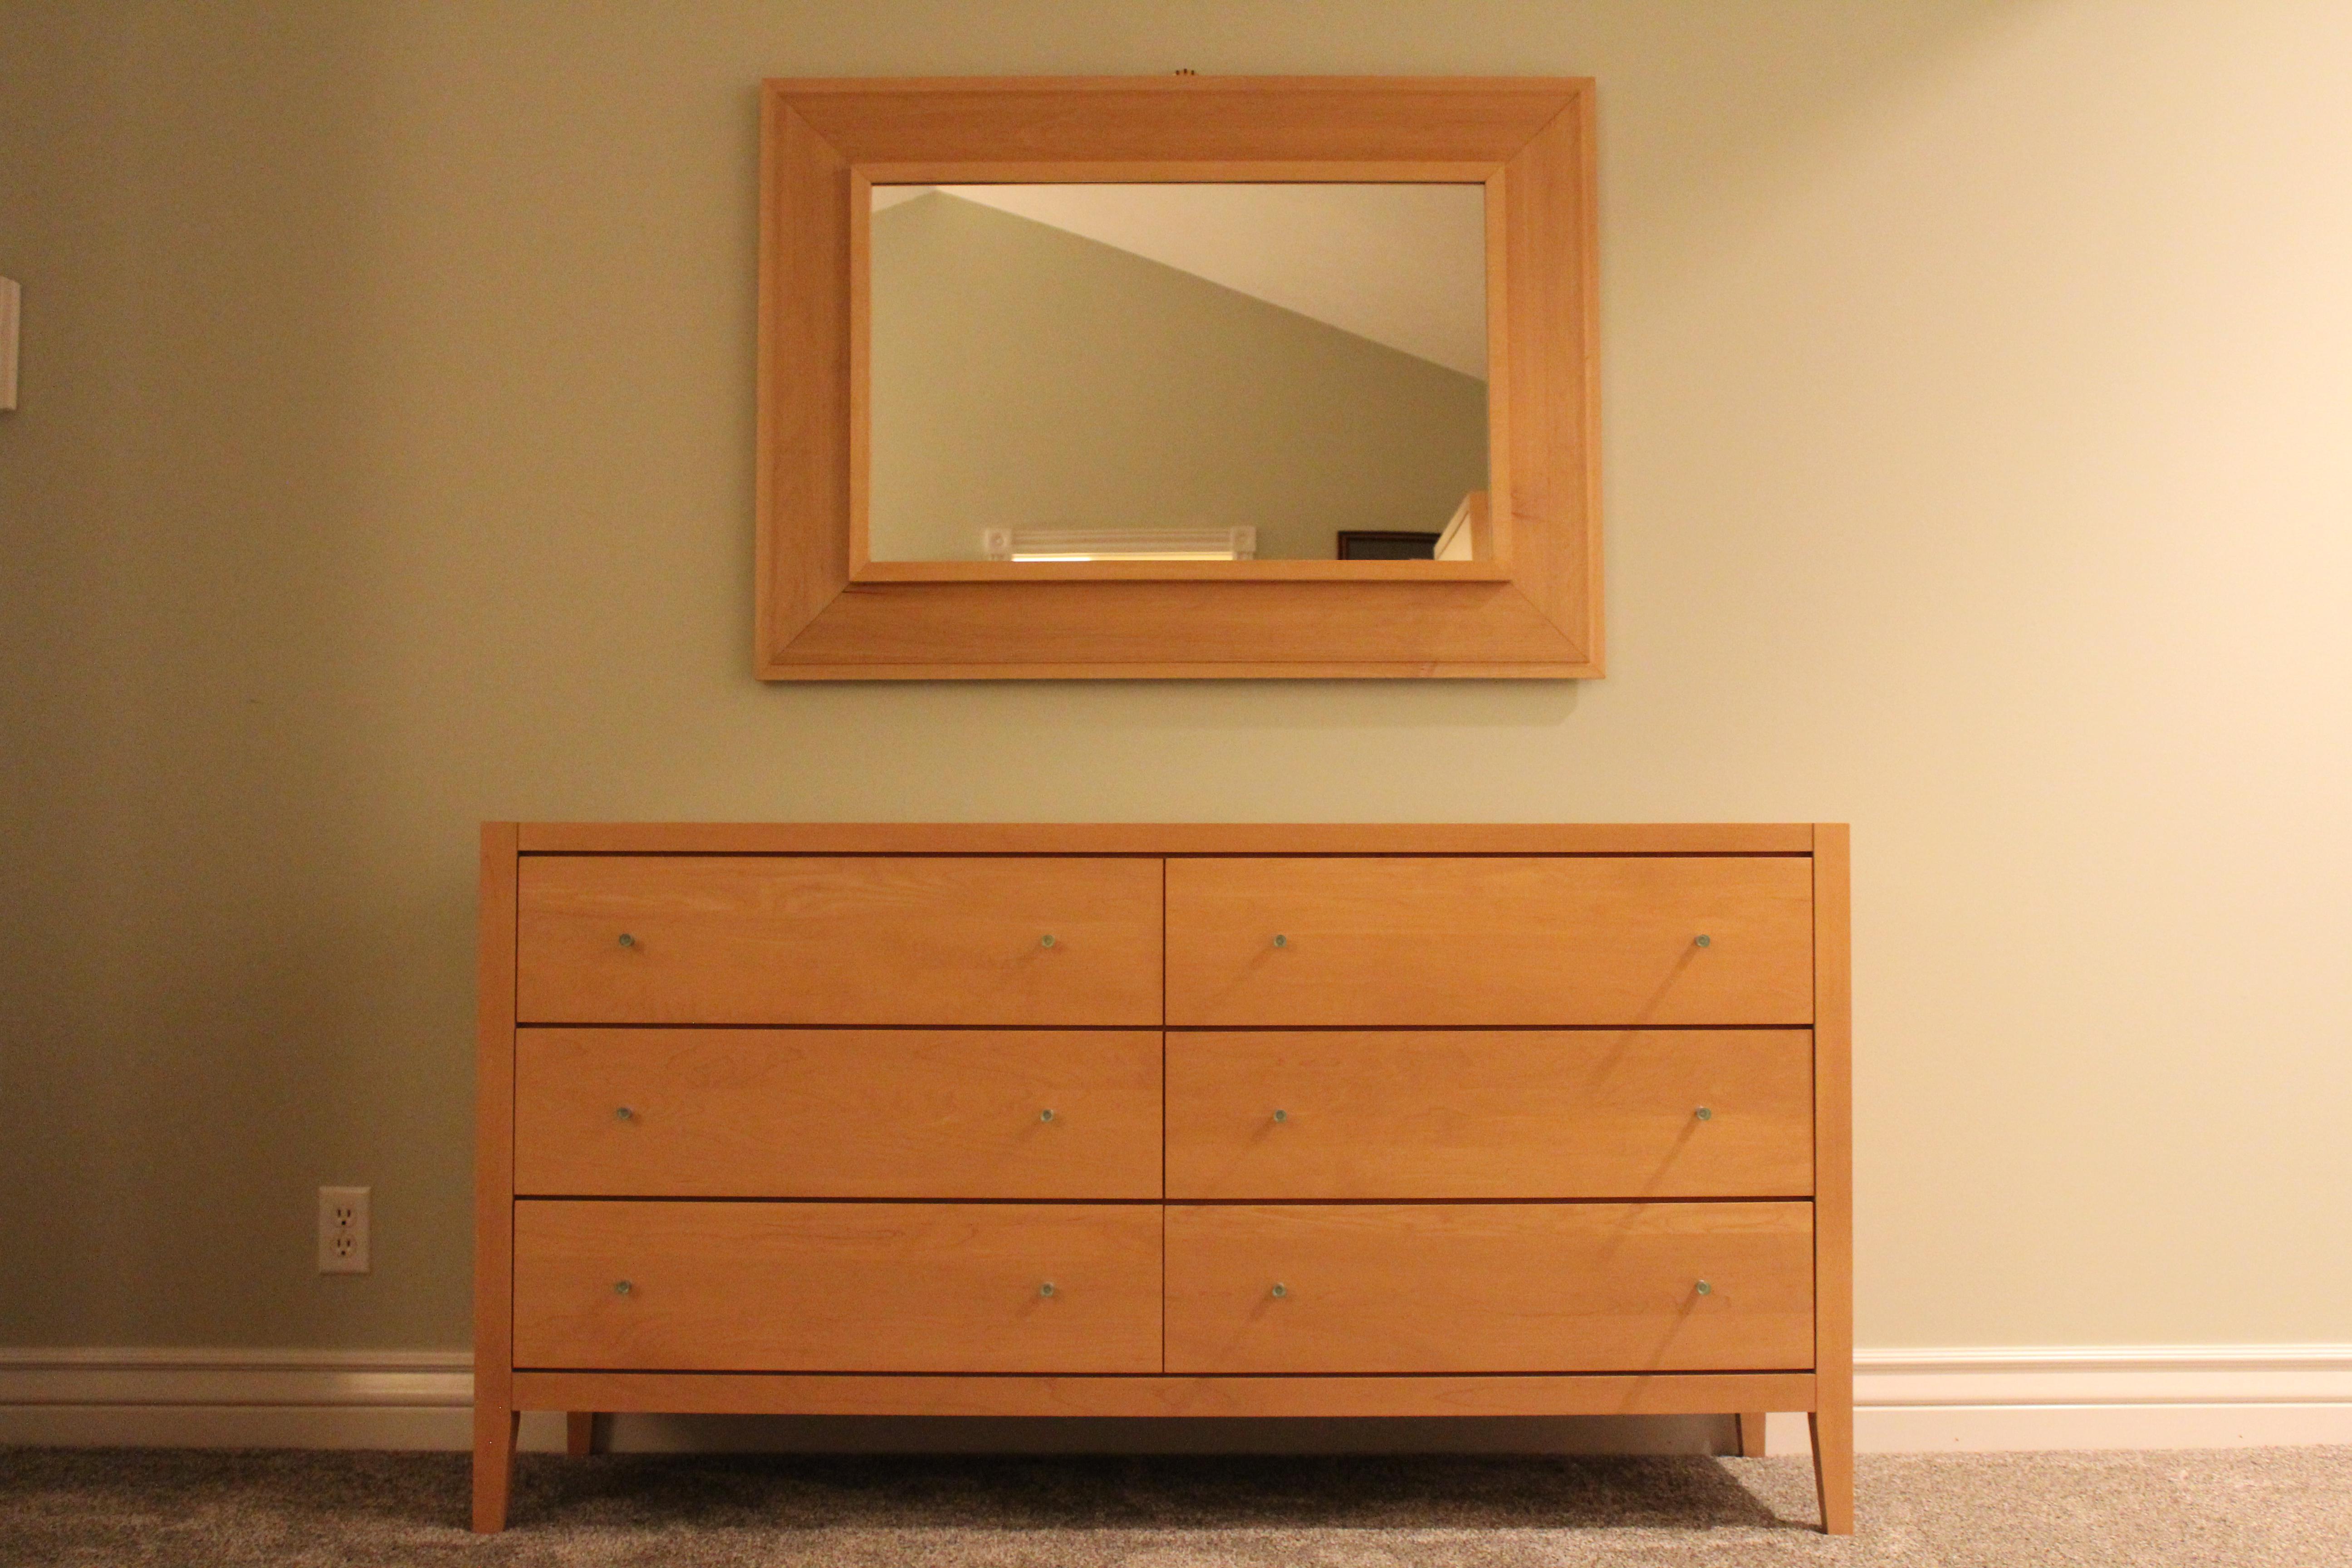 Baronet Mooreau Maple Dresser Mirror a Pair Chairish